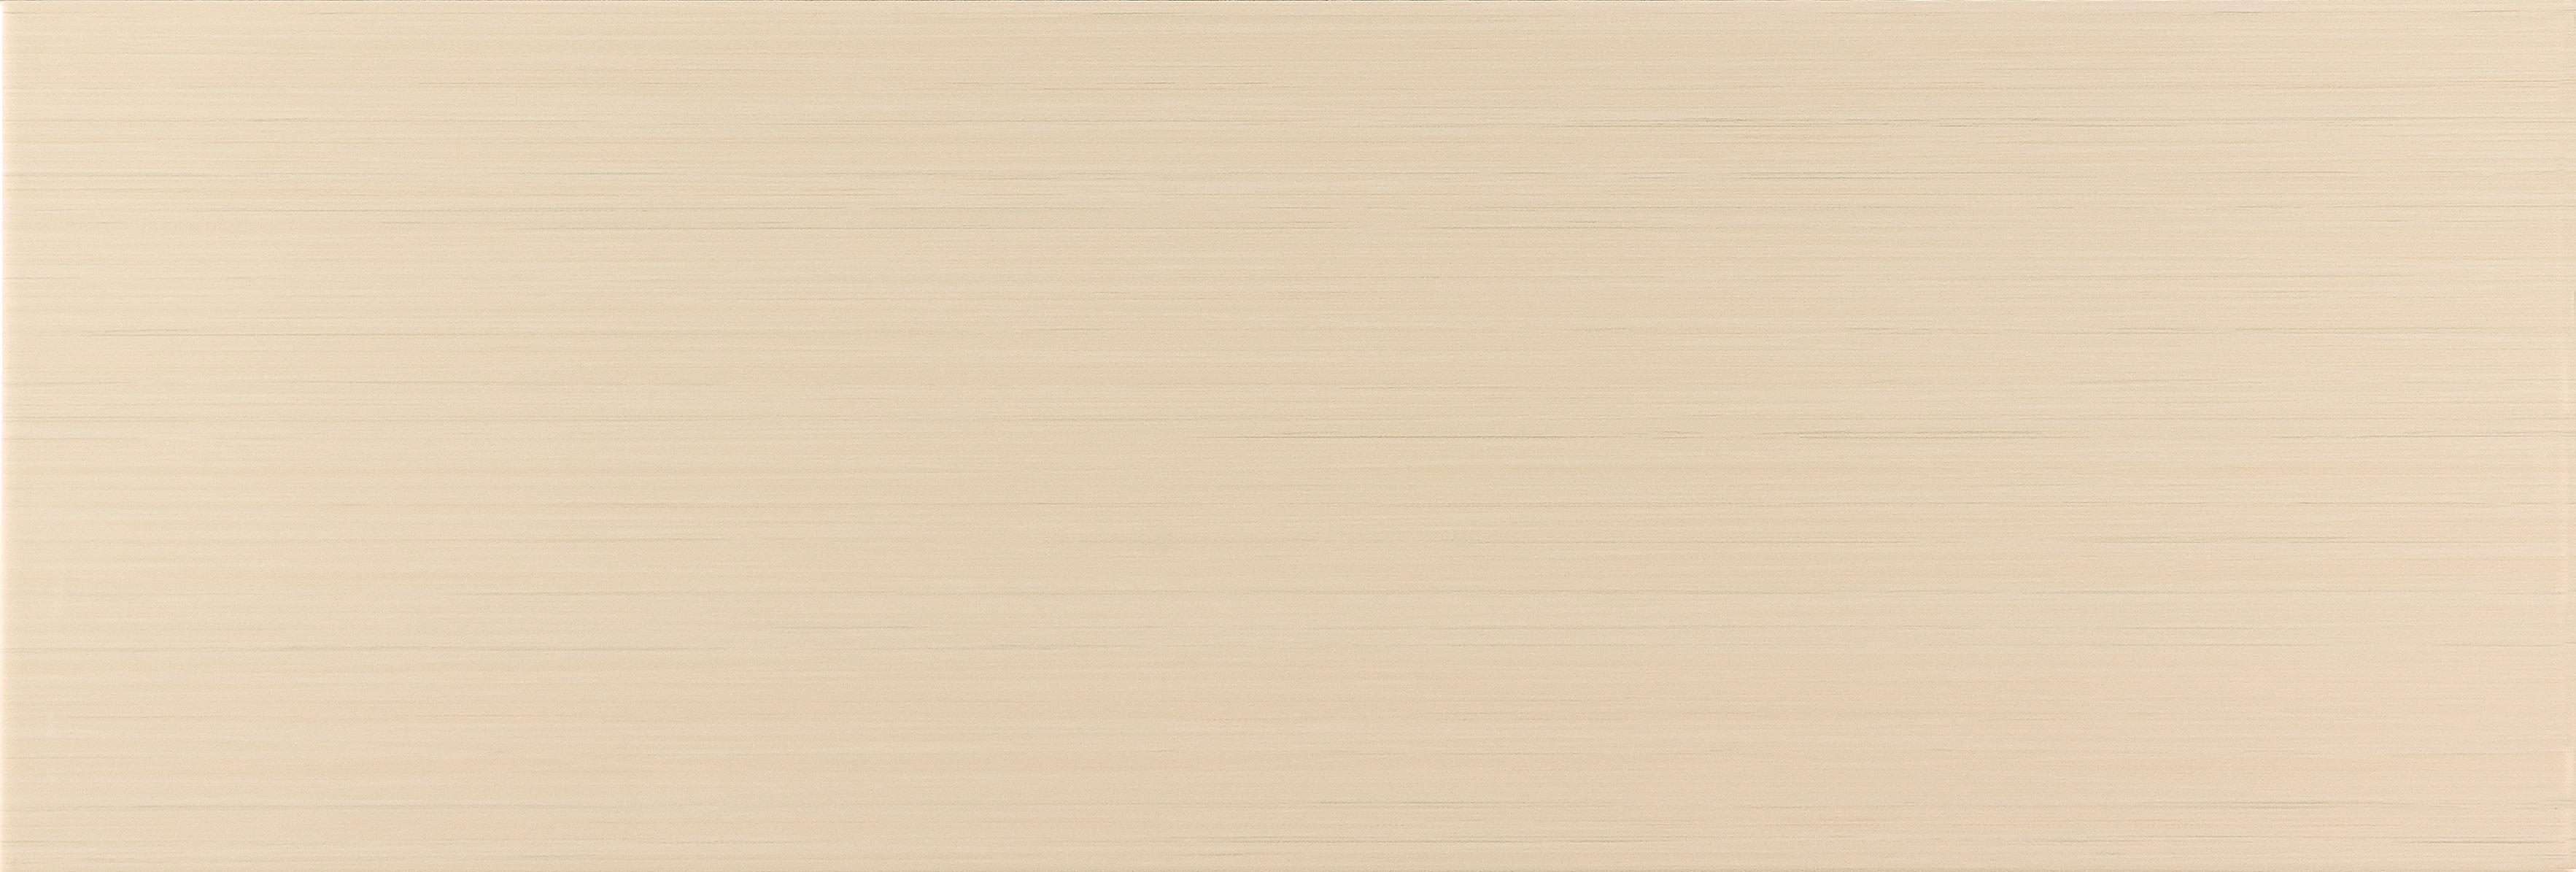 Brazil Marfil плитка настенная 250х730 мм/70,08 настенная плитка golden tile crema marfil sunrise бежевый 30x60